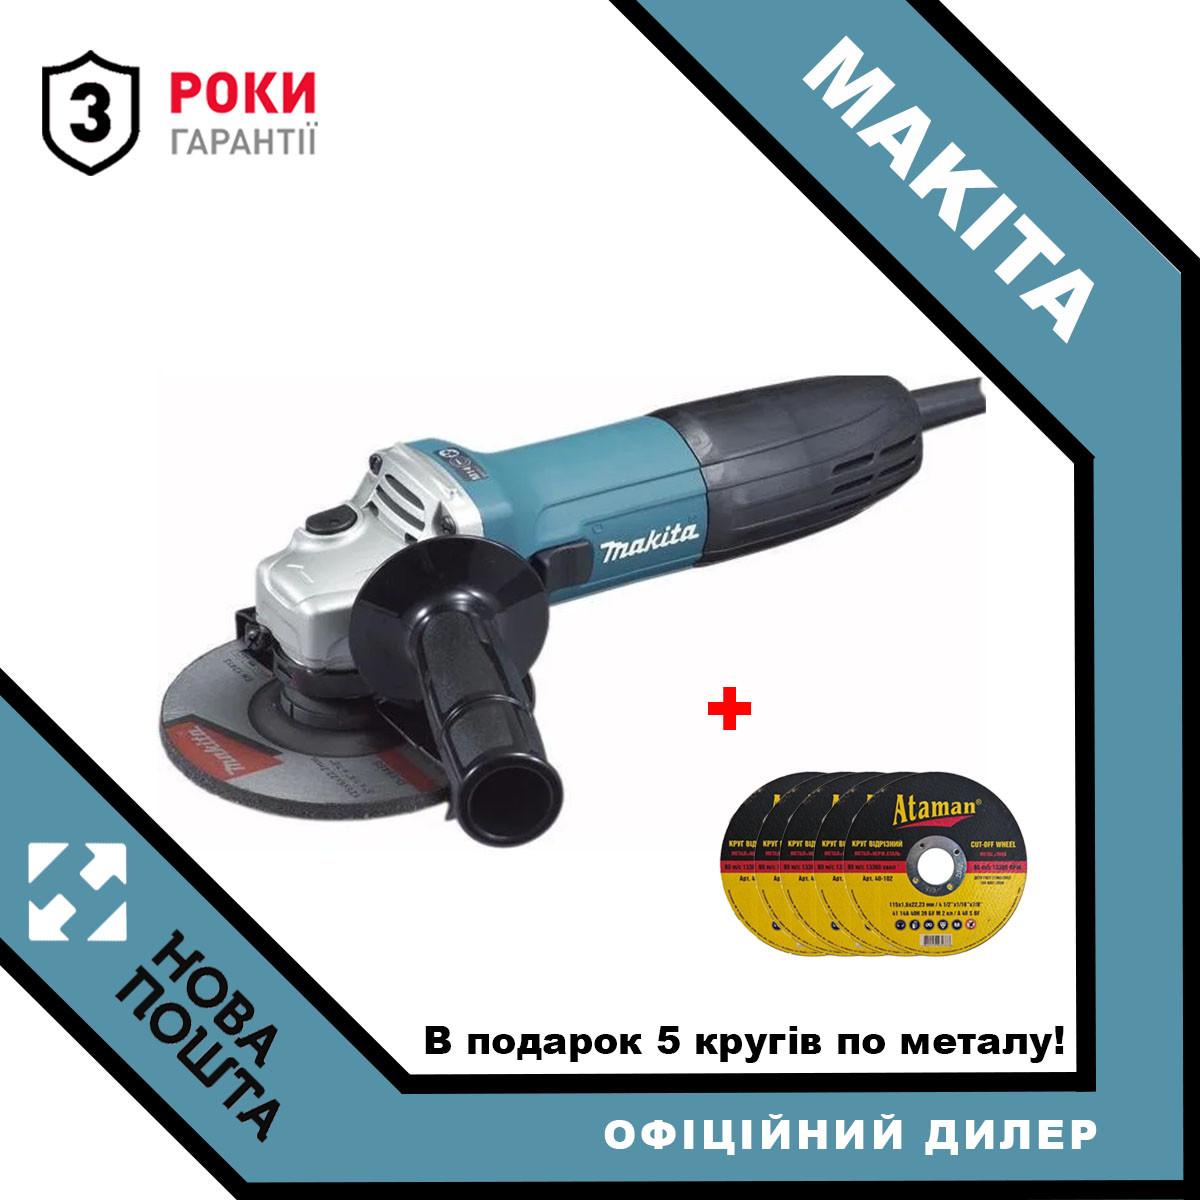 Болгарка MAKITA GA5030 + в подарунок 5 кругів по металу!